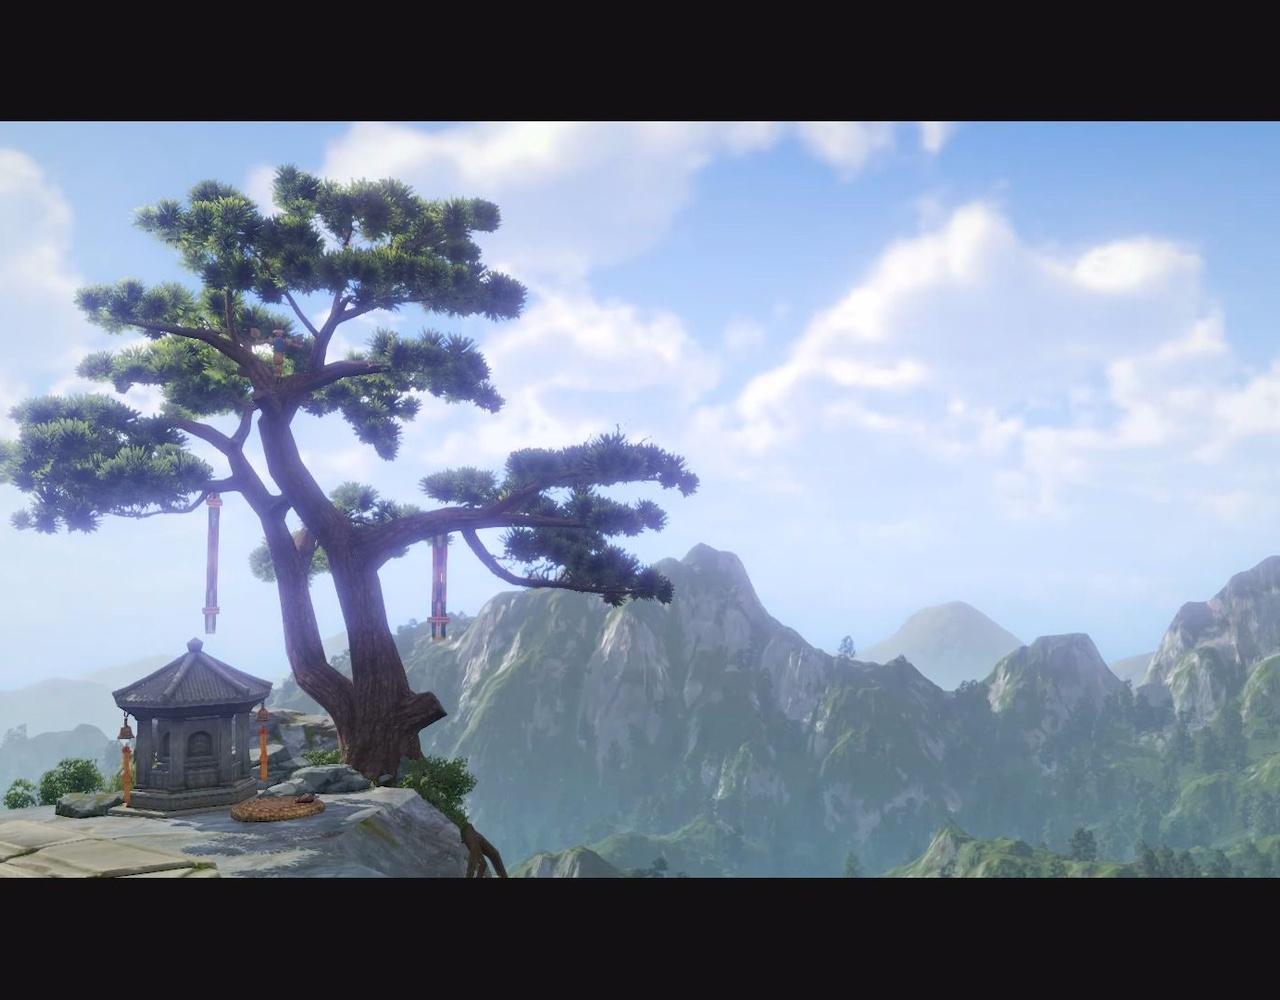 【剑网三重置版】为什么我看个风景截个图也这么燃!